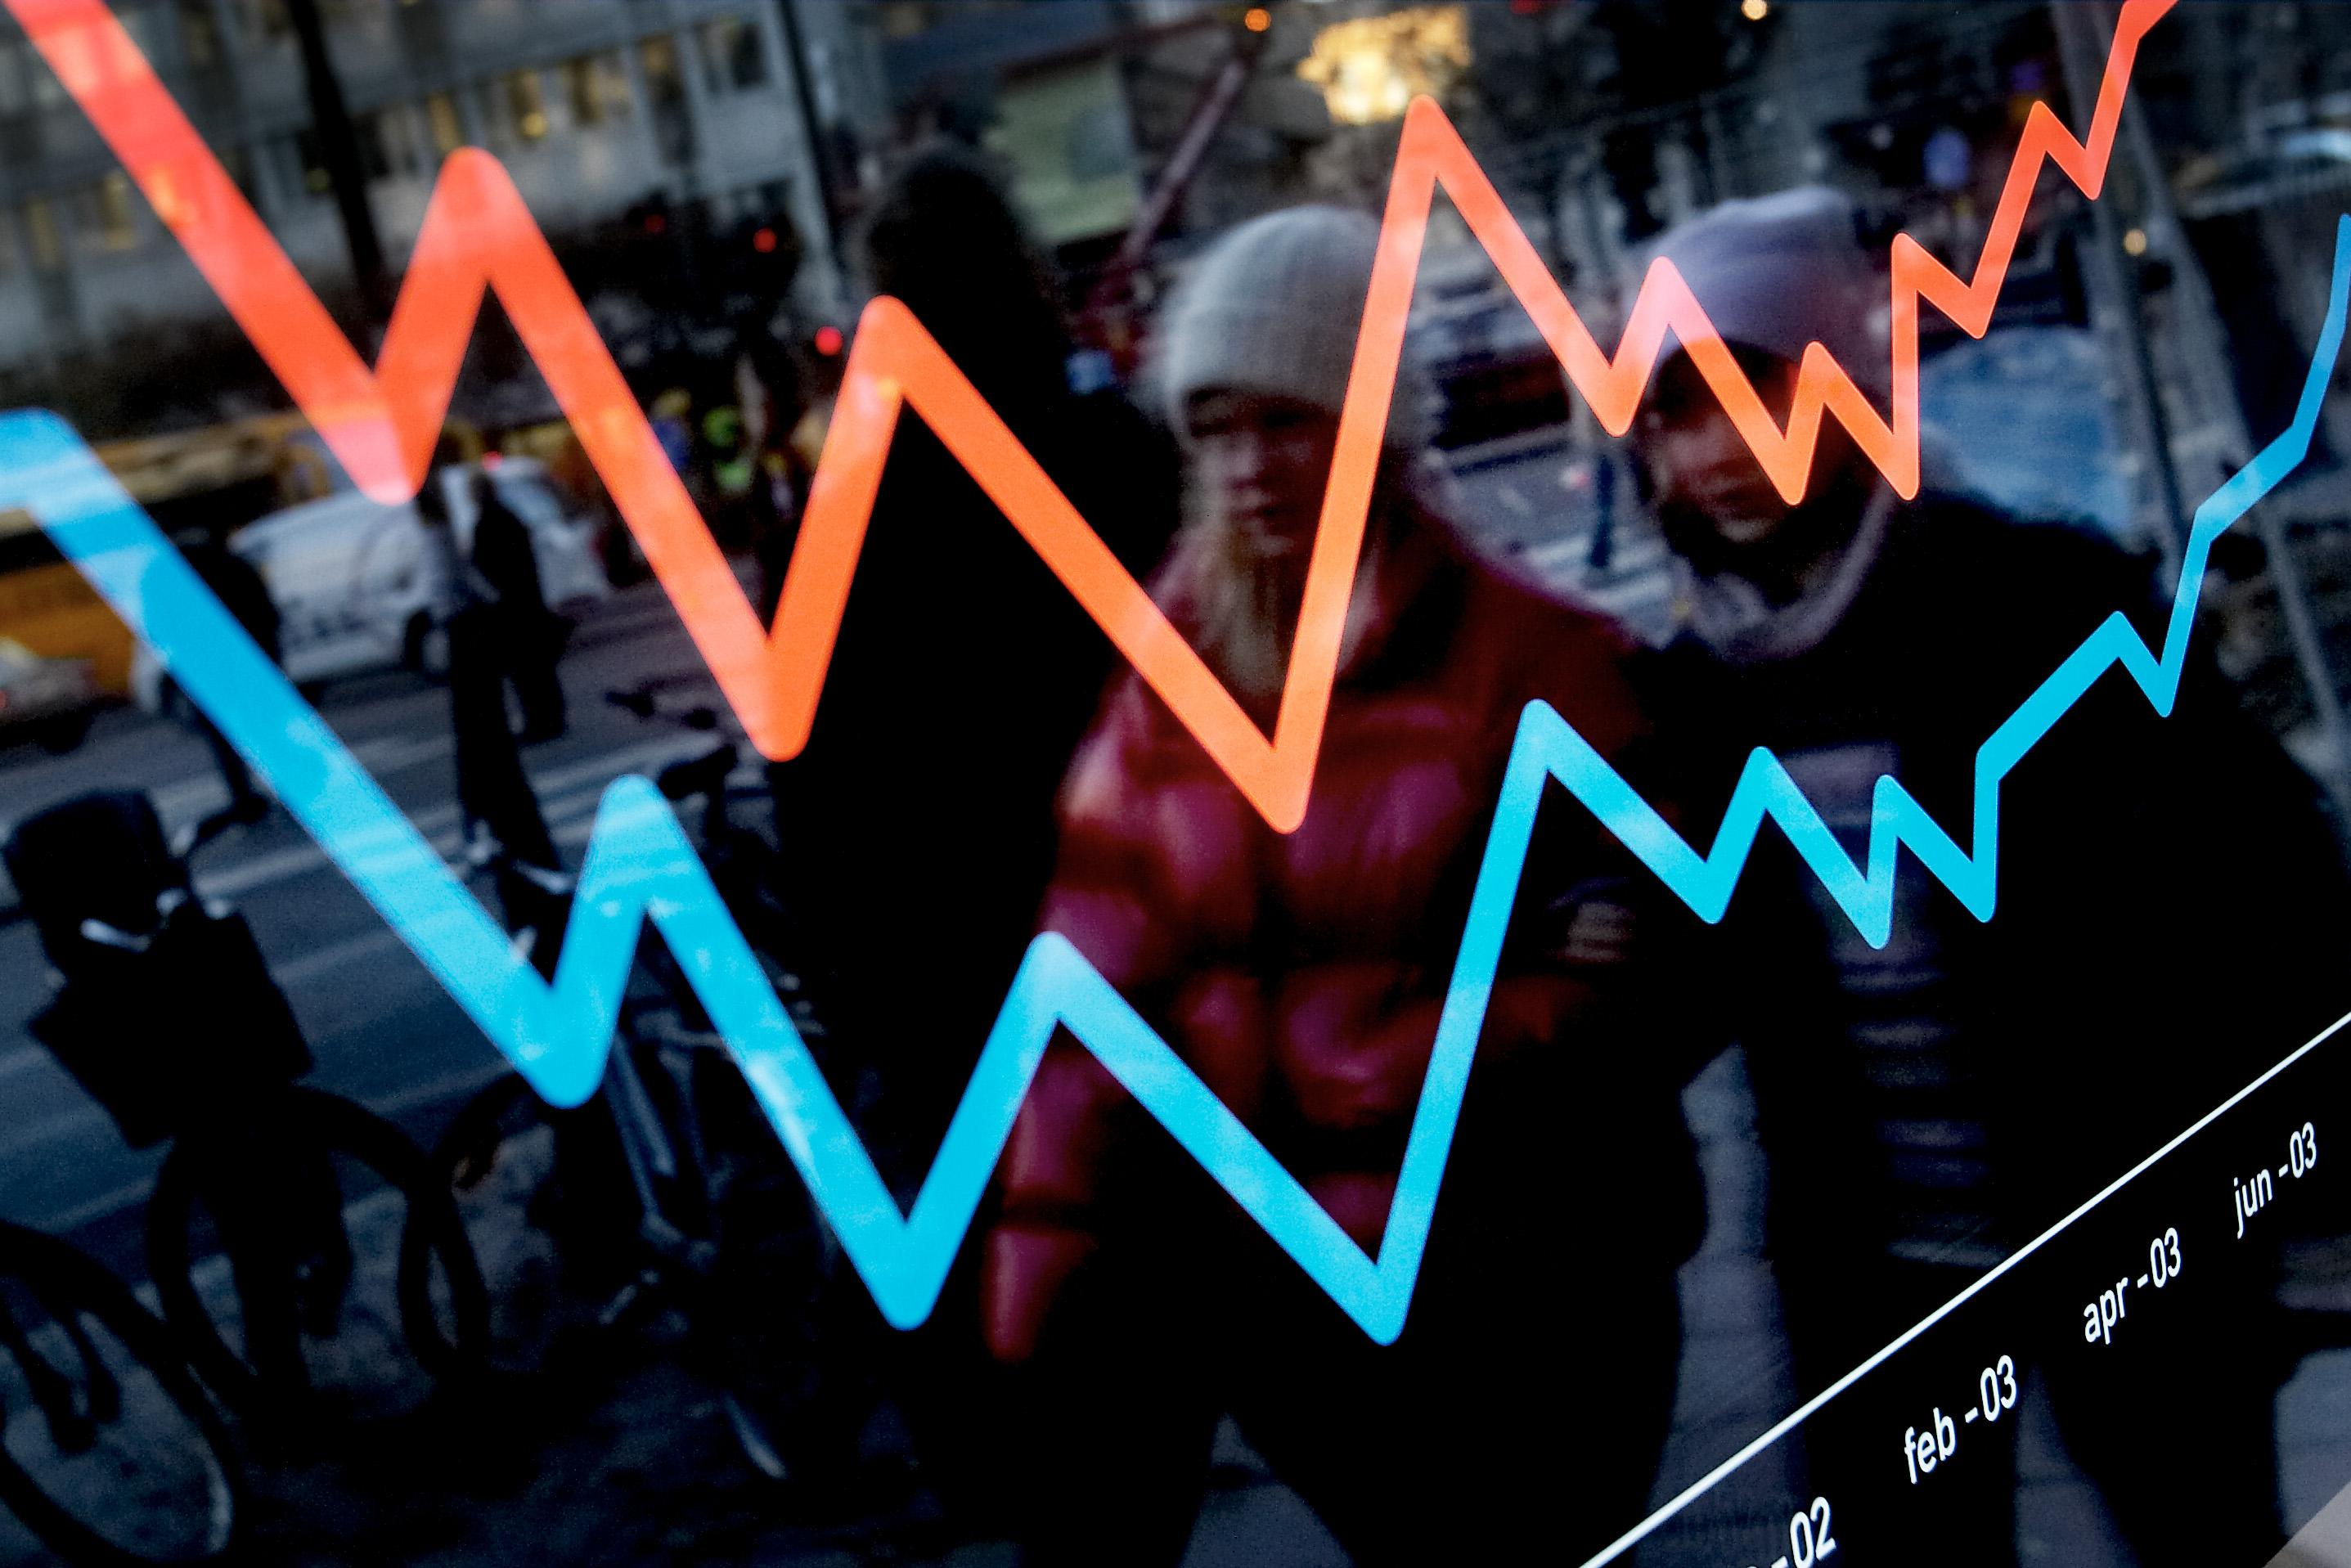 Yabancı yatırımcının korkusu: Şirket el koymaları